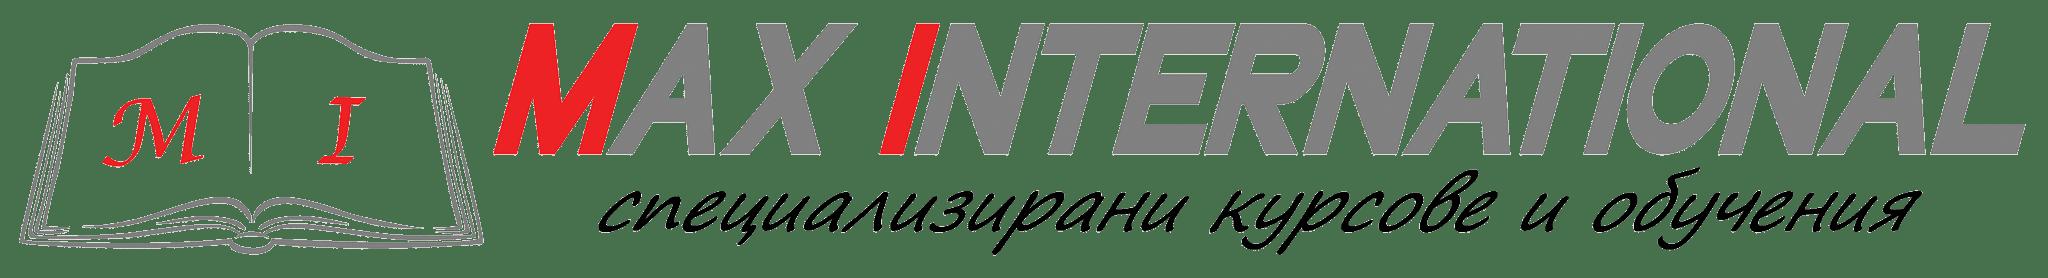 MaxInternational.bg - Специализирани курсове и обучения